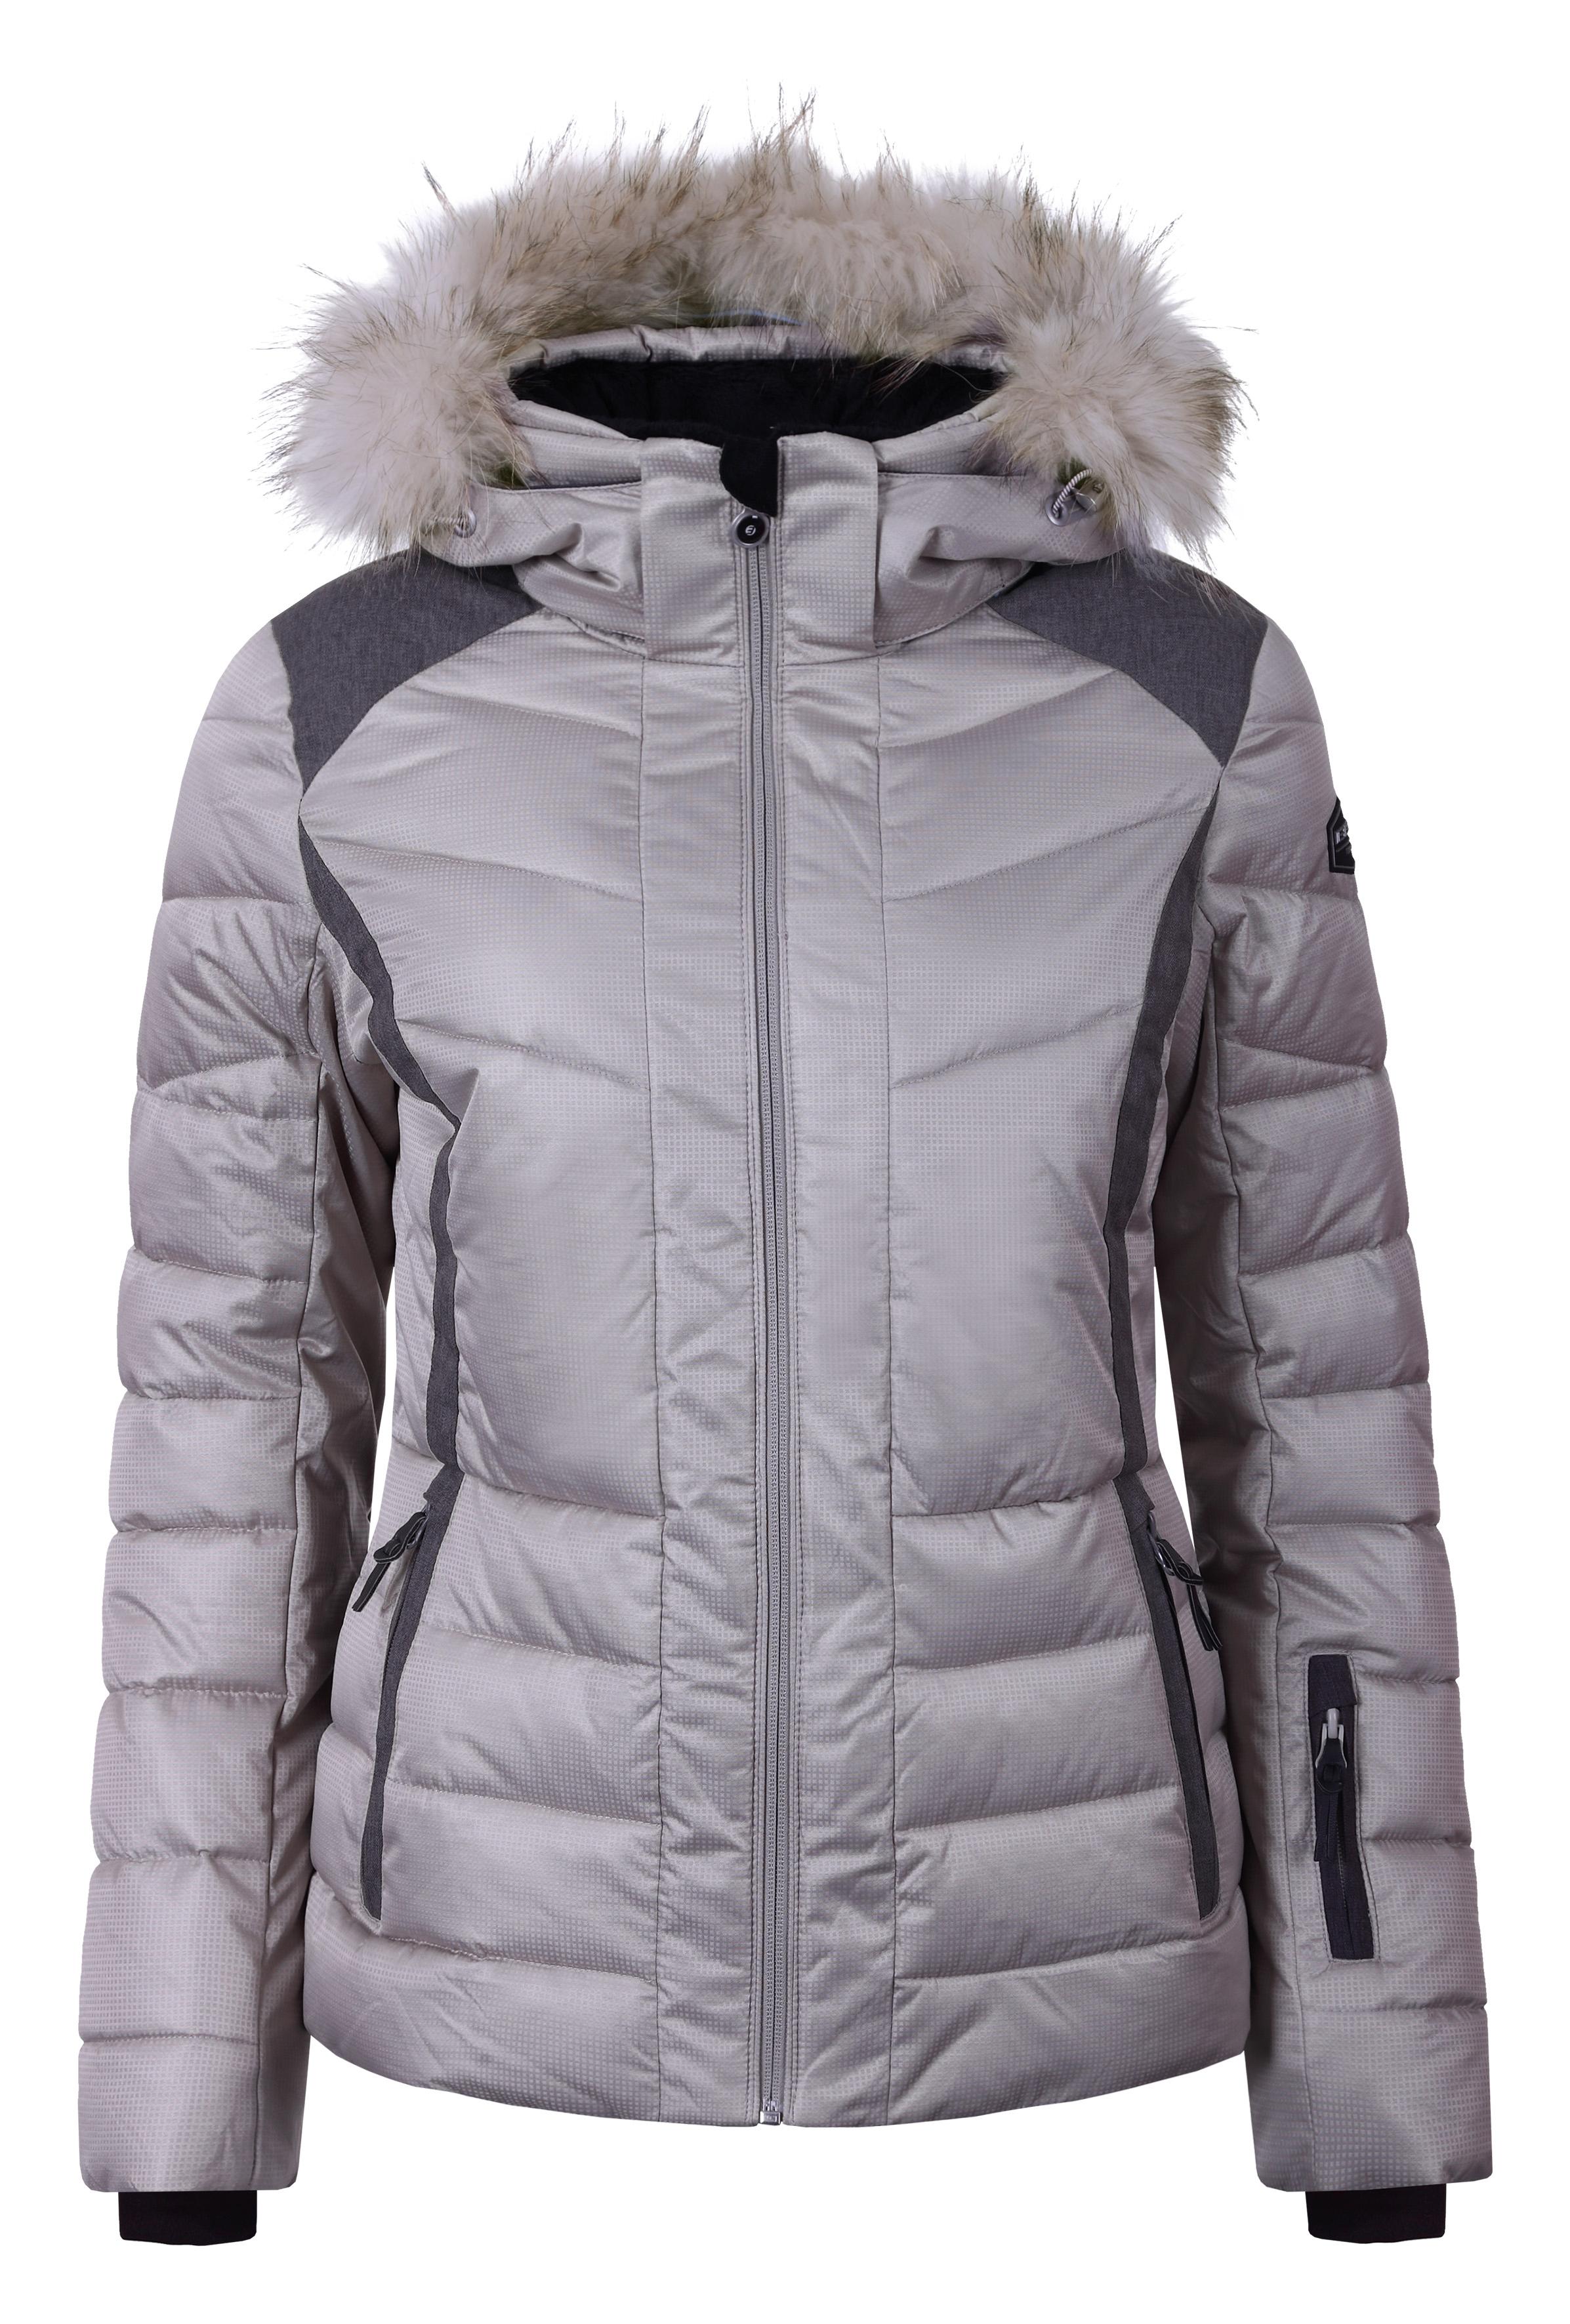 Dámska zimná bunda Icepeak Cindy IA s pravou kožušinou hnedá col. 080 95ddba2a283